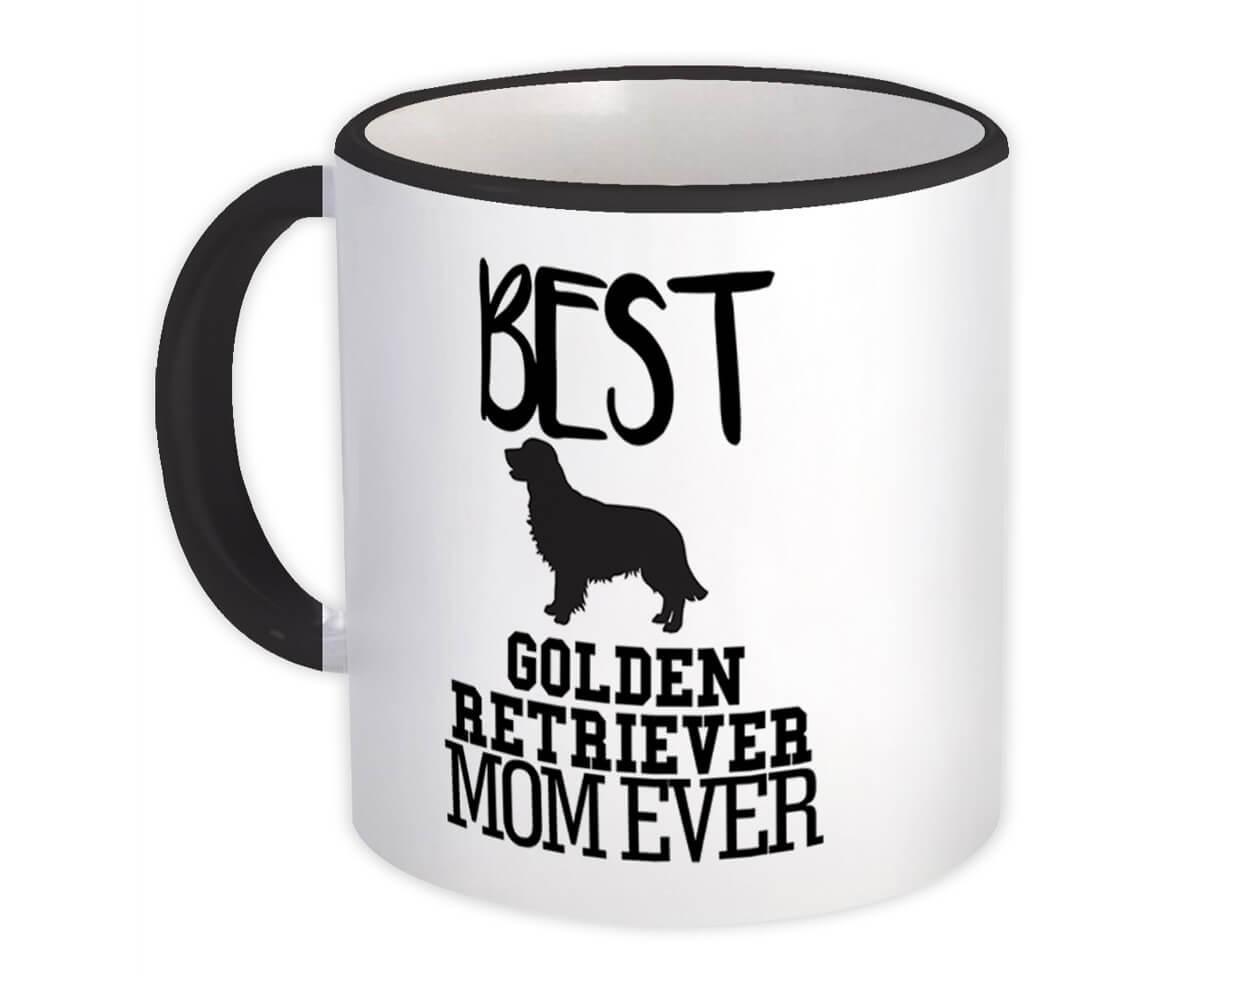 Best Golden Retriever MOM Ever : Gift Mug Dog Silhouette Funny Pet Cartoon Owner